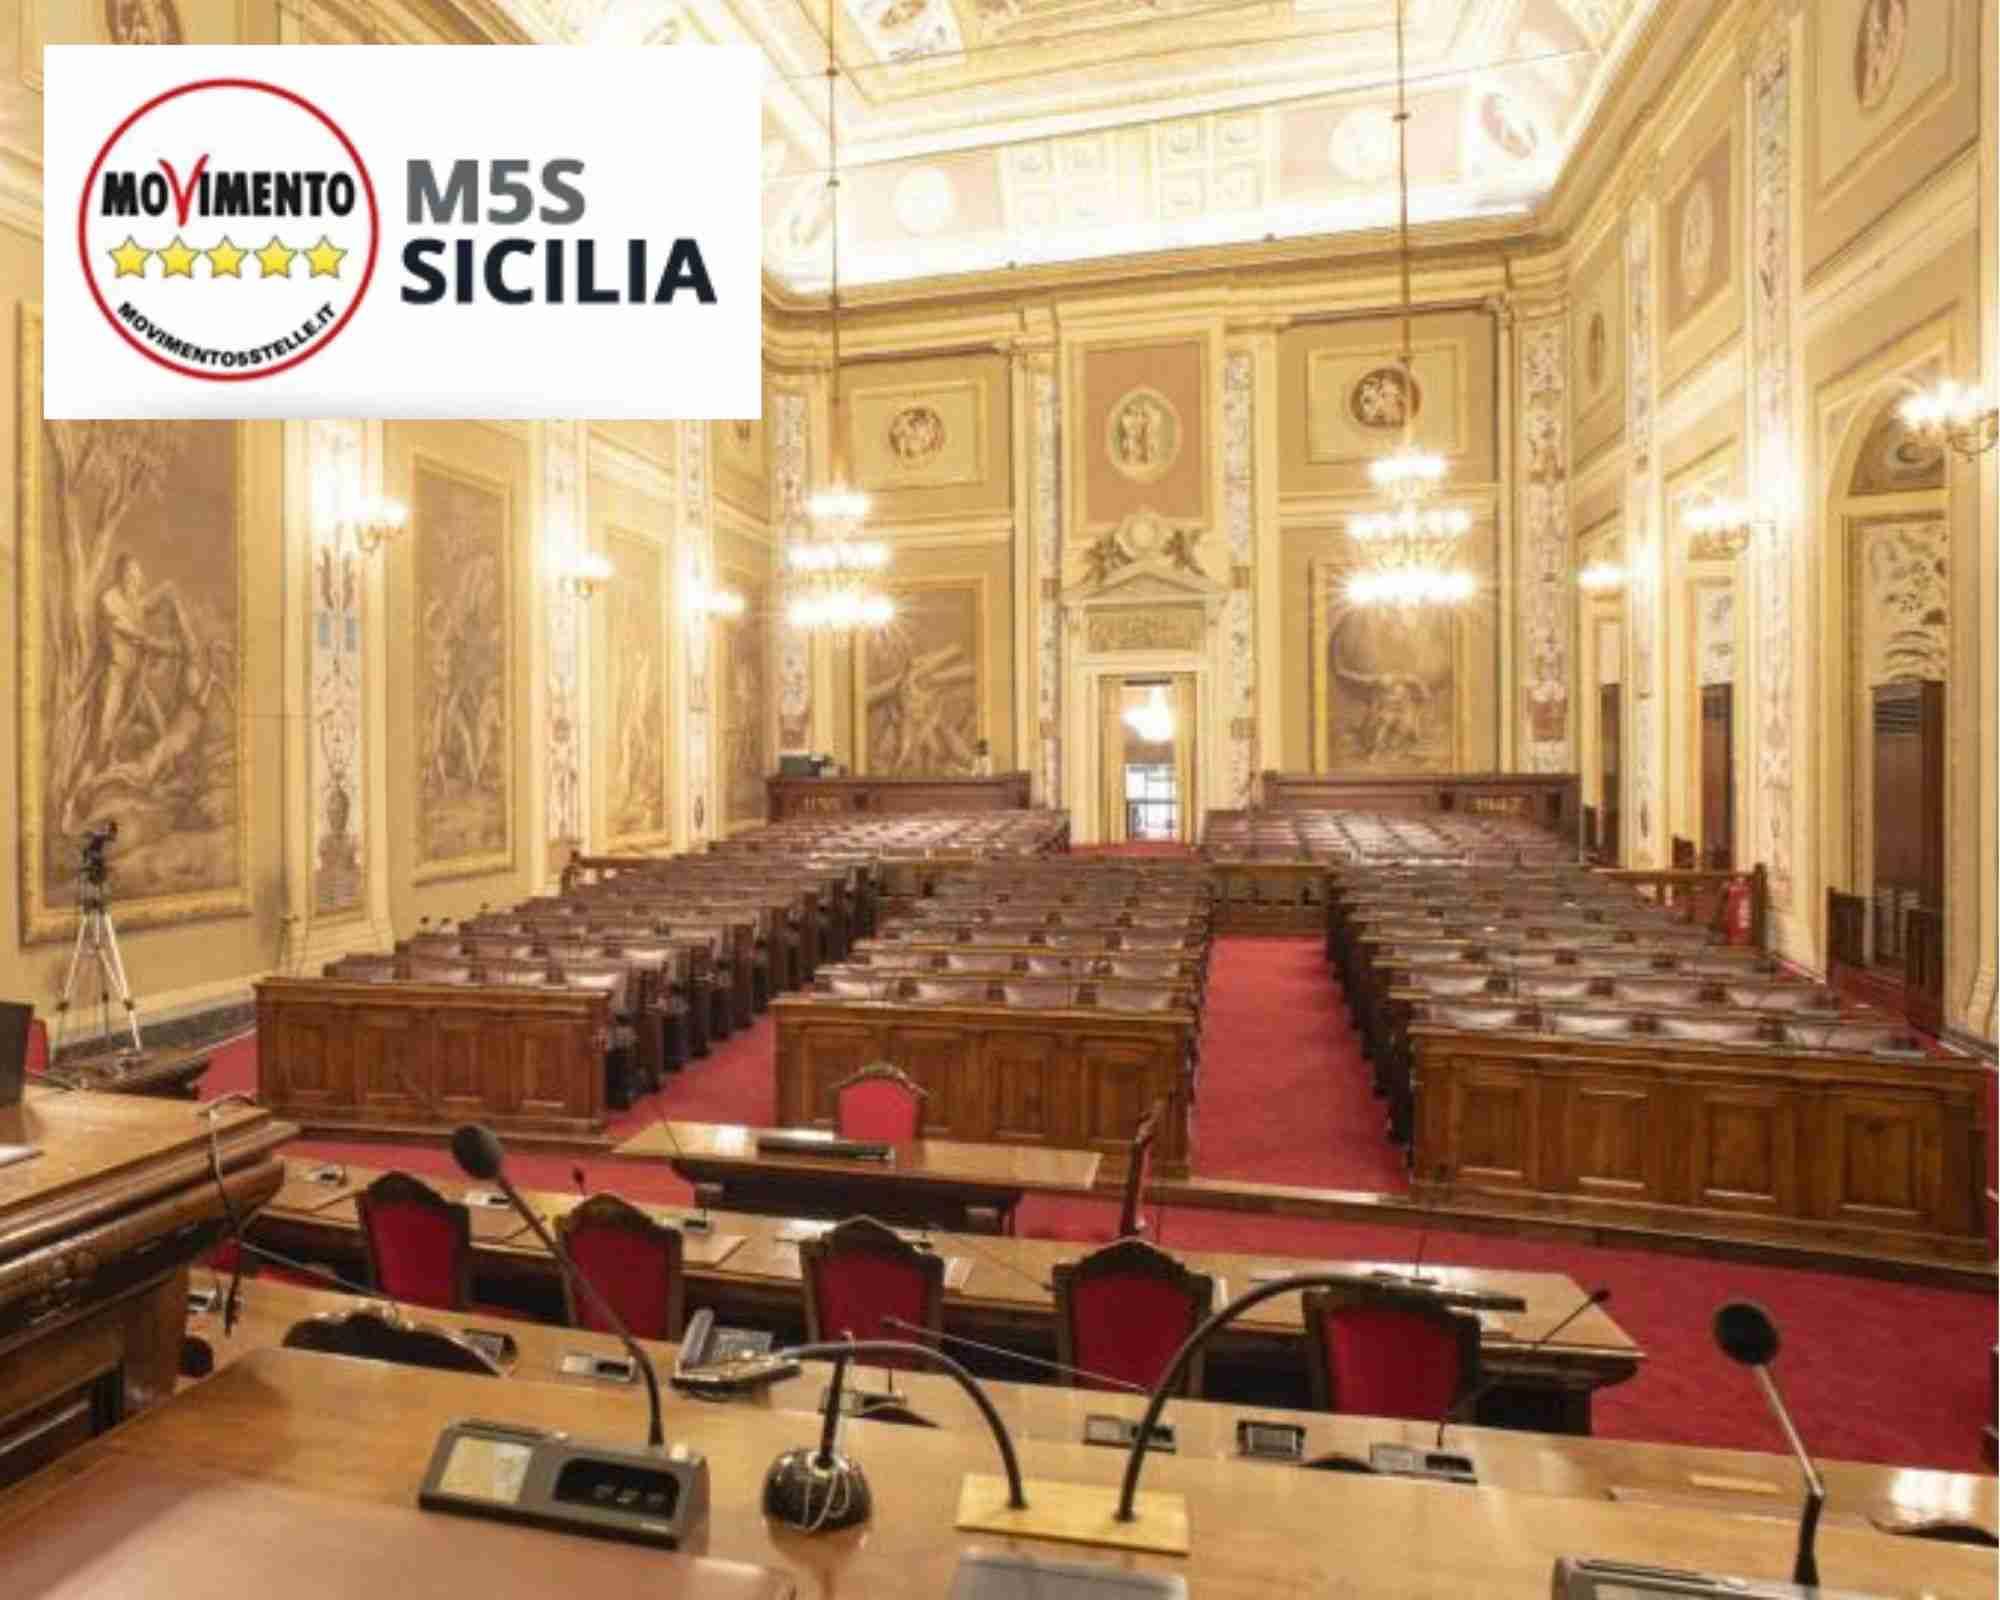 Coronavirus – I Deputati Ars M5S donano 100mila euro alla Protezione Civile e 200mila alle Asp siciliane